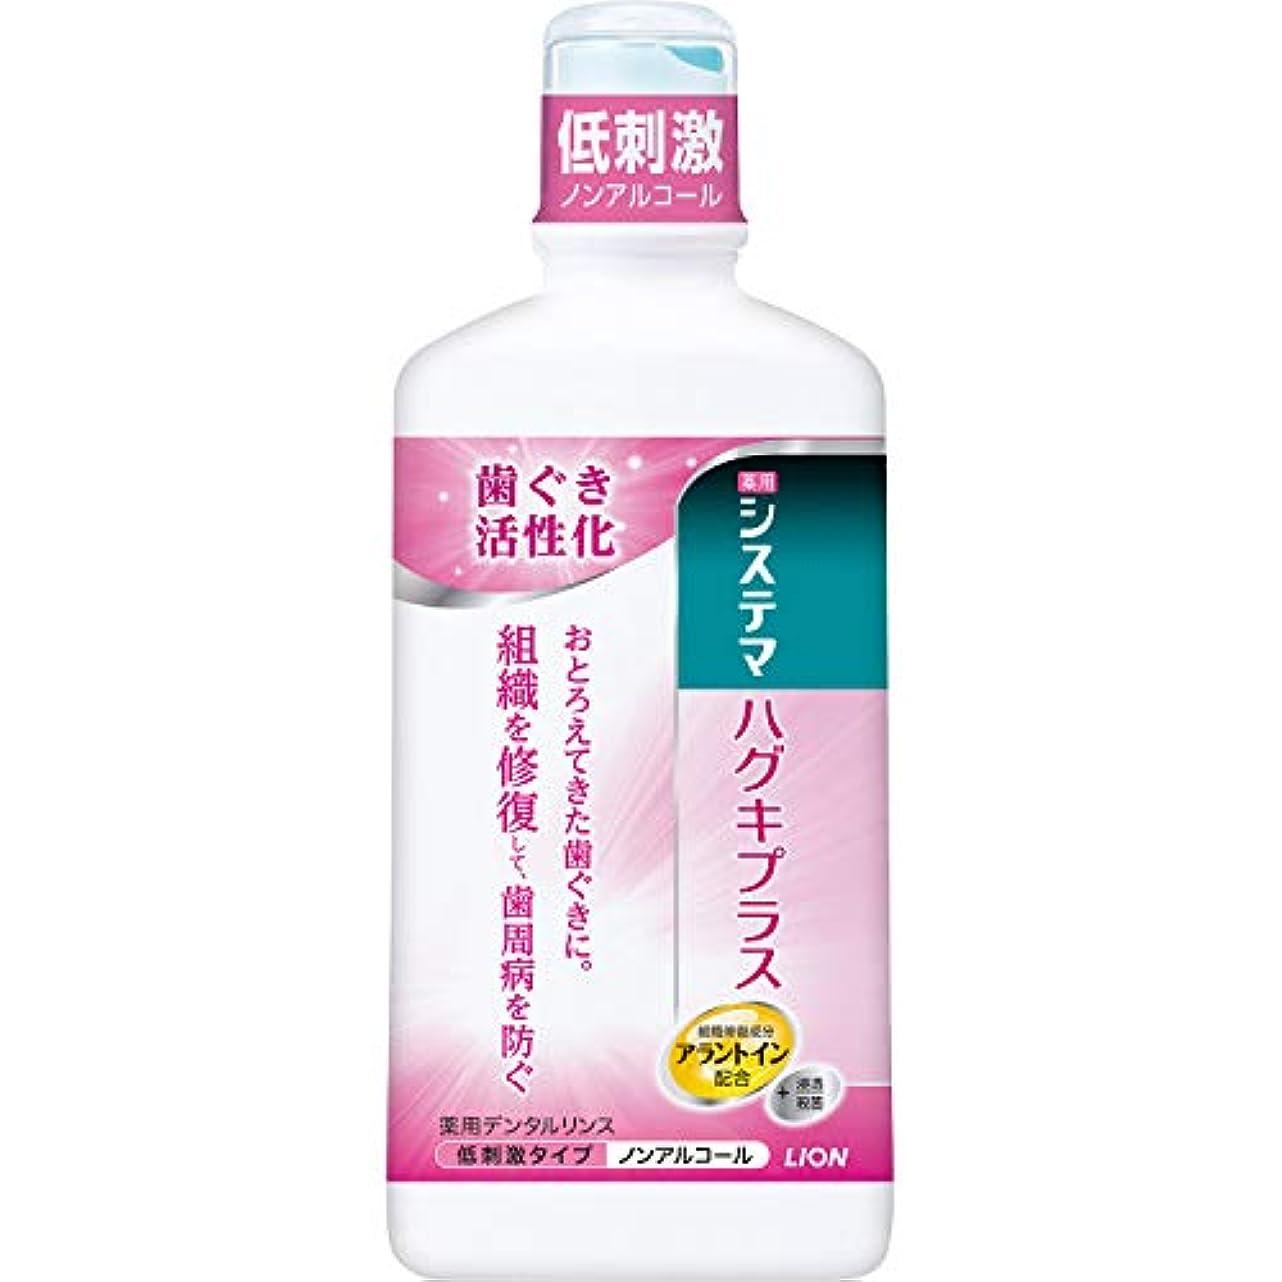 報酬のぺディカブドループシステマ ハグキプラス デンタルリンス 450ml 液体歯磨 (医薬部外品)